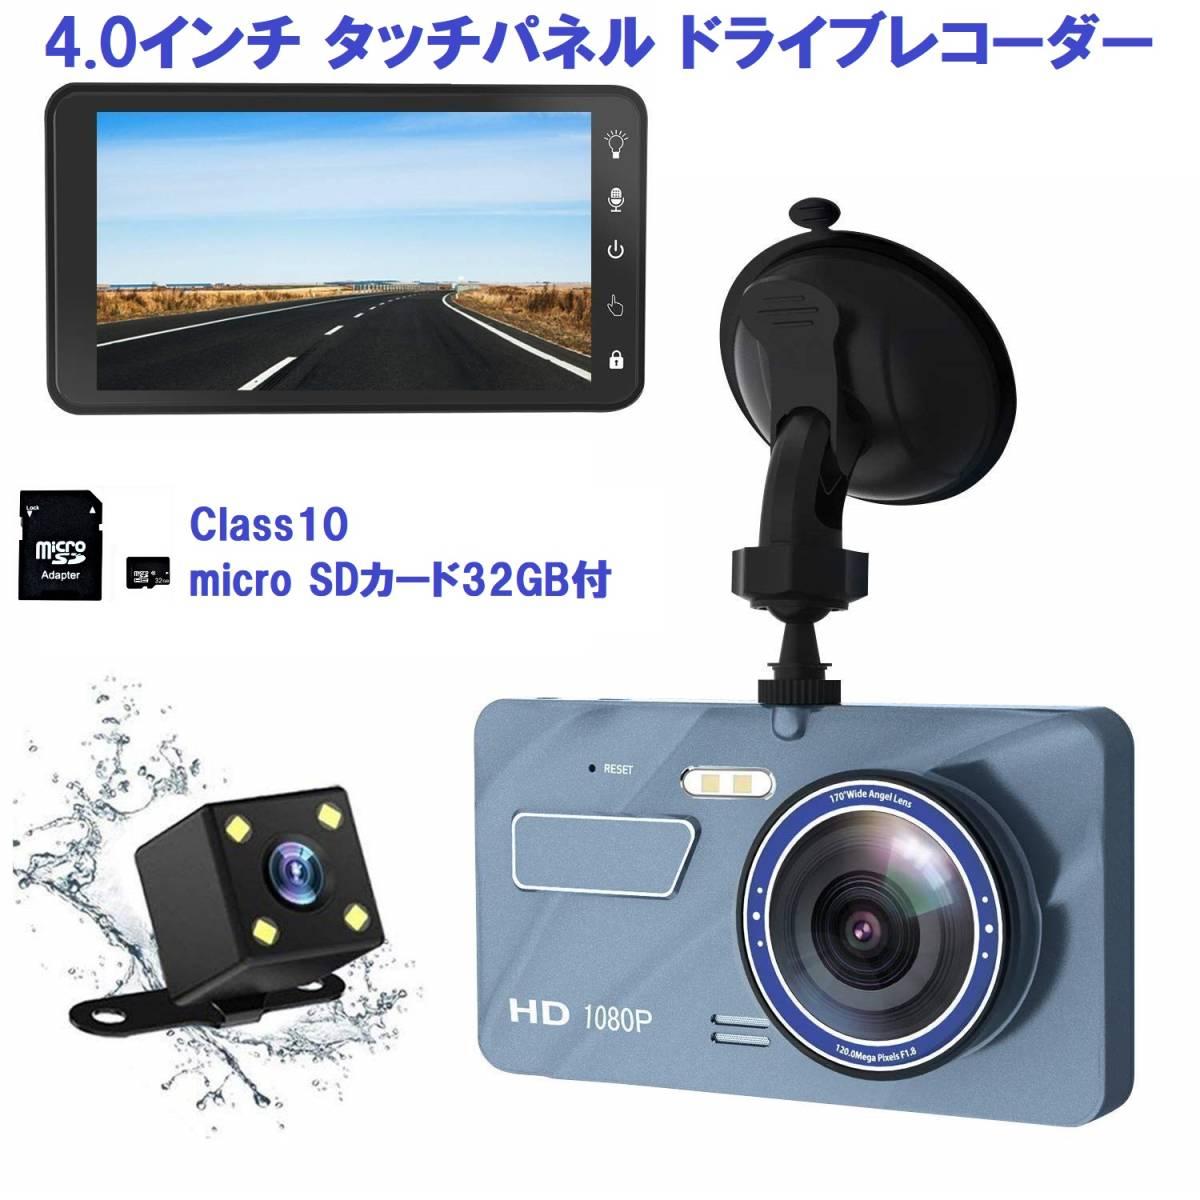 送料無料 32GB SDカード付 ドライブレコーダー A10 前後カメラ 4インチIPSタッチパネル 6層レンズ 1080PフルHD HDR機能 日本製説明書 新品